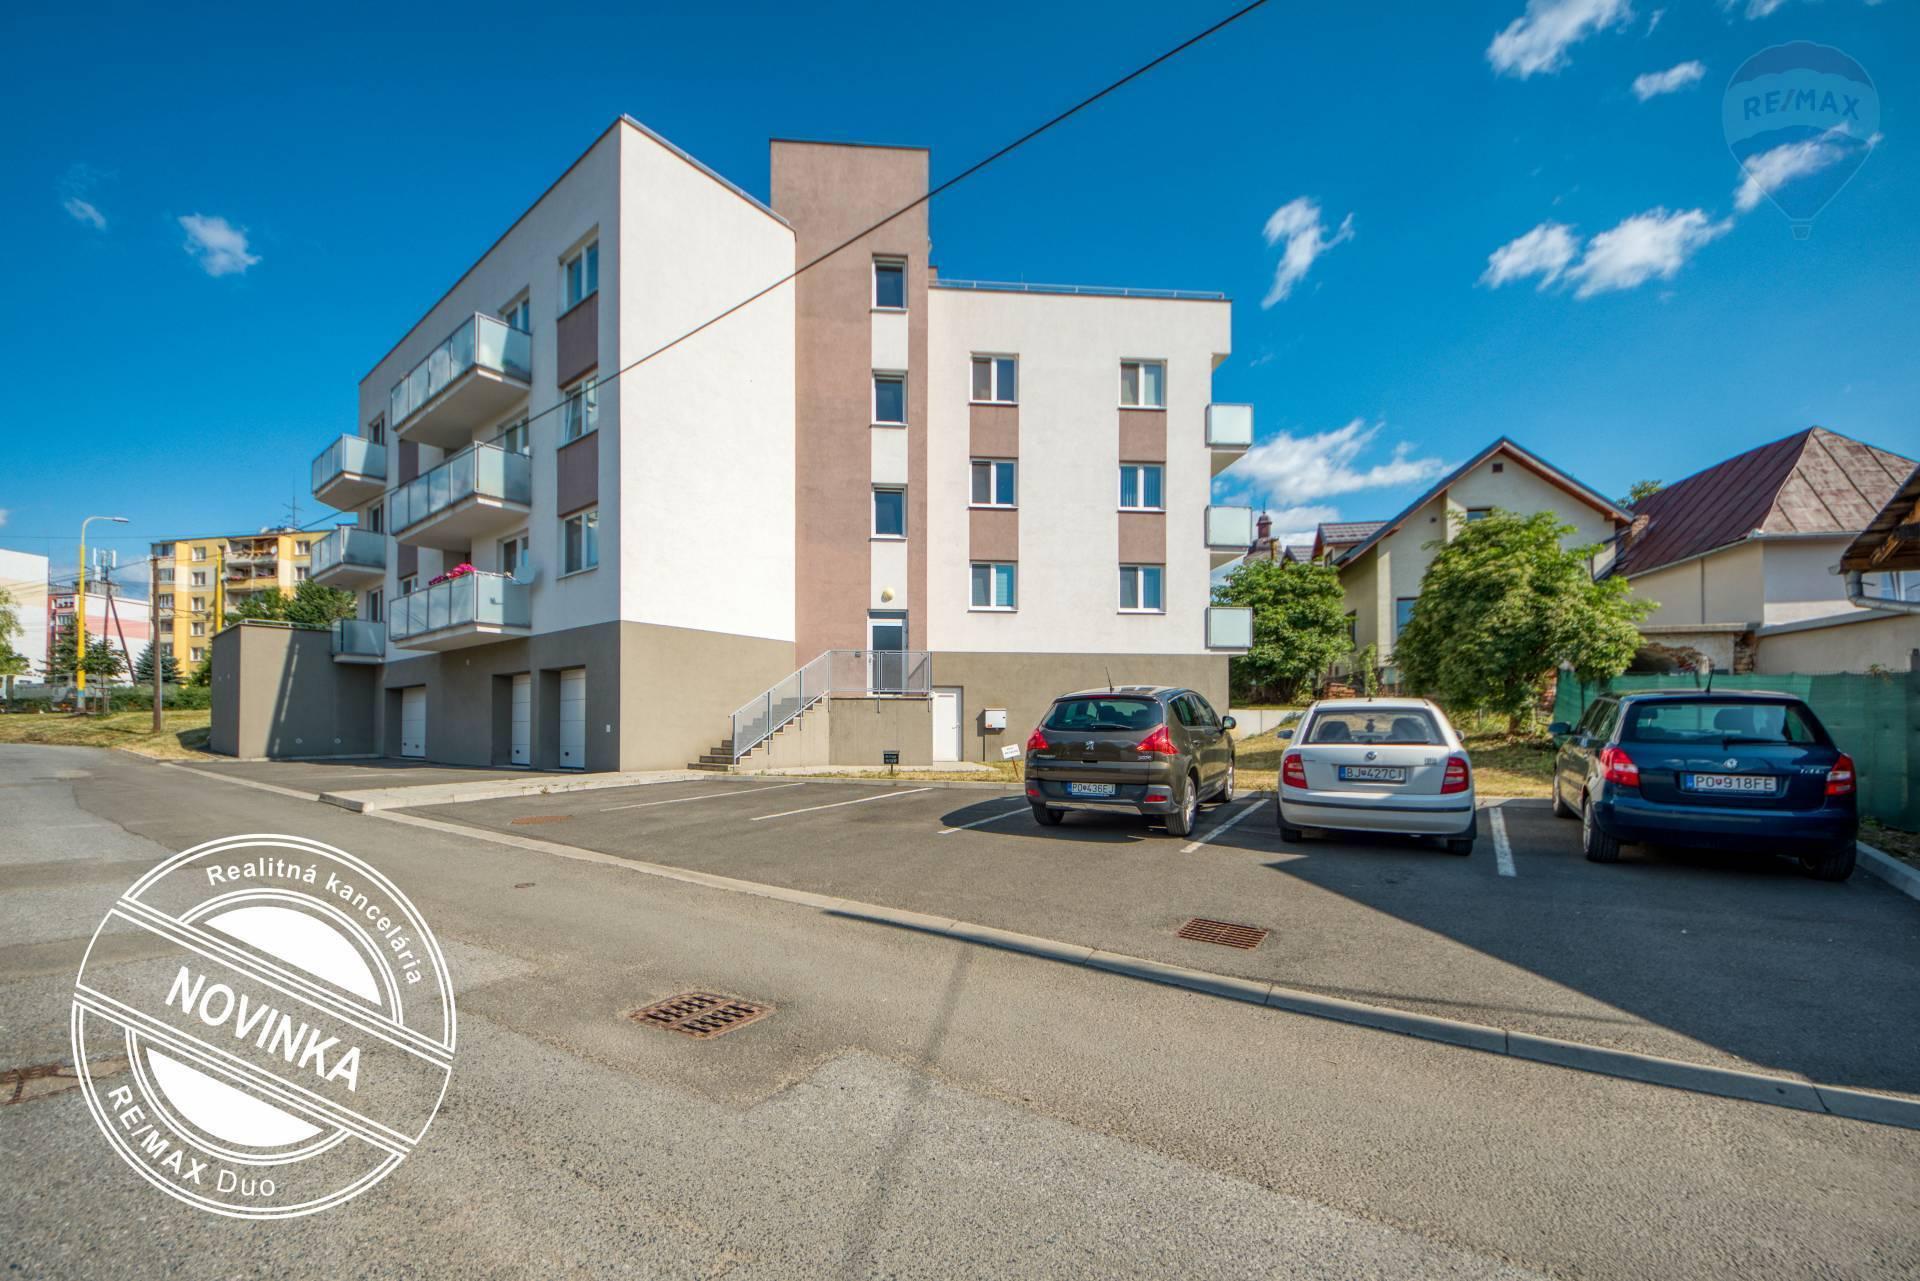 Garsónka na predaj, novostavba, ulica Solivarská, Prešov